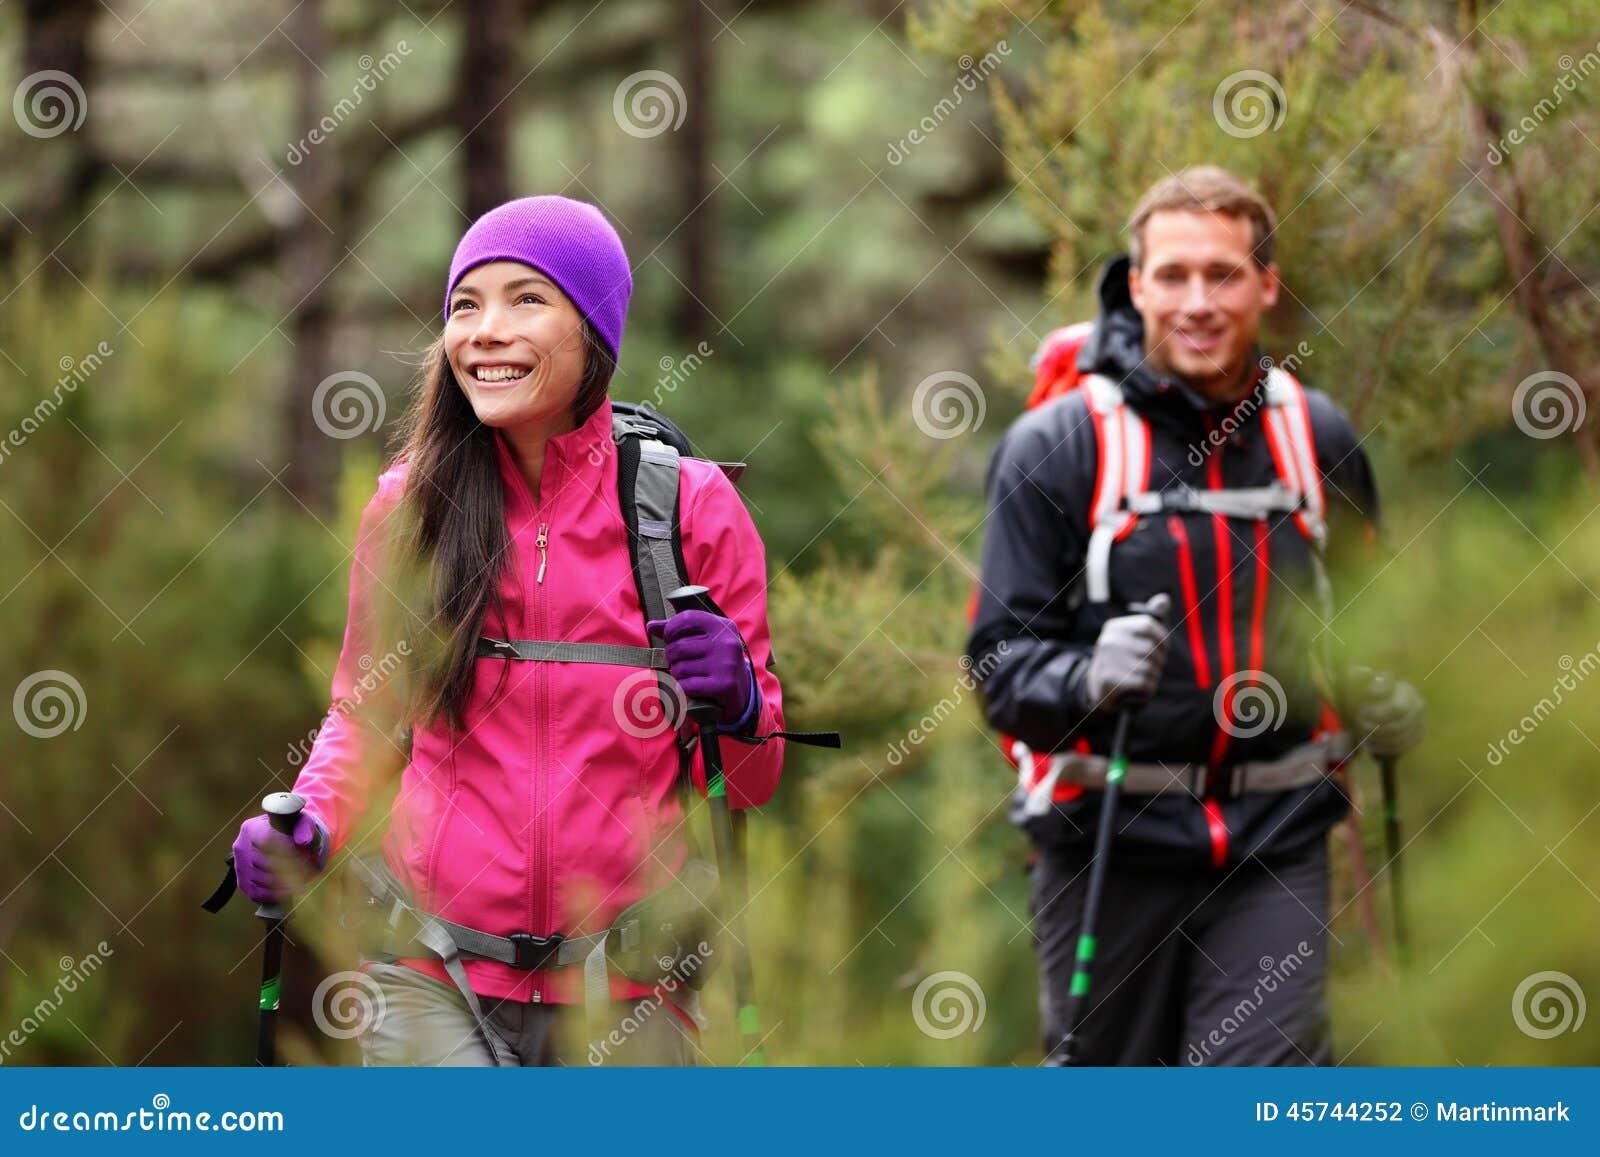 远足人-迁徙在远足的森林里的远足者